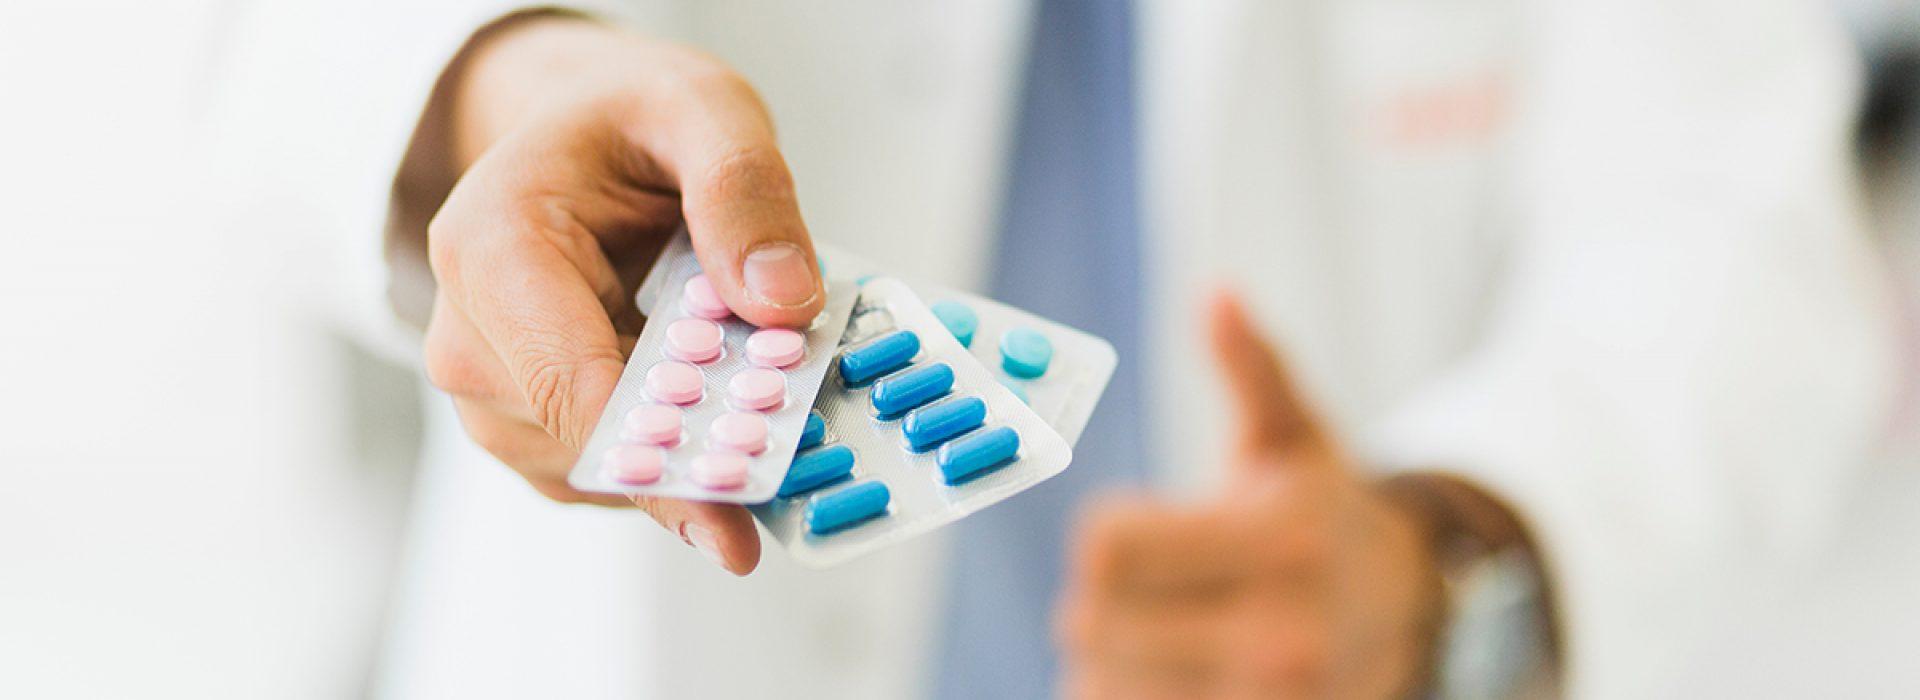 paracetamol-ibuprofeno